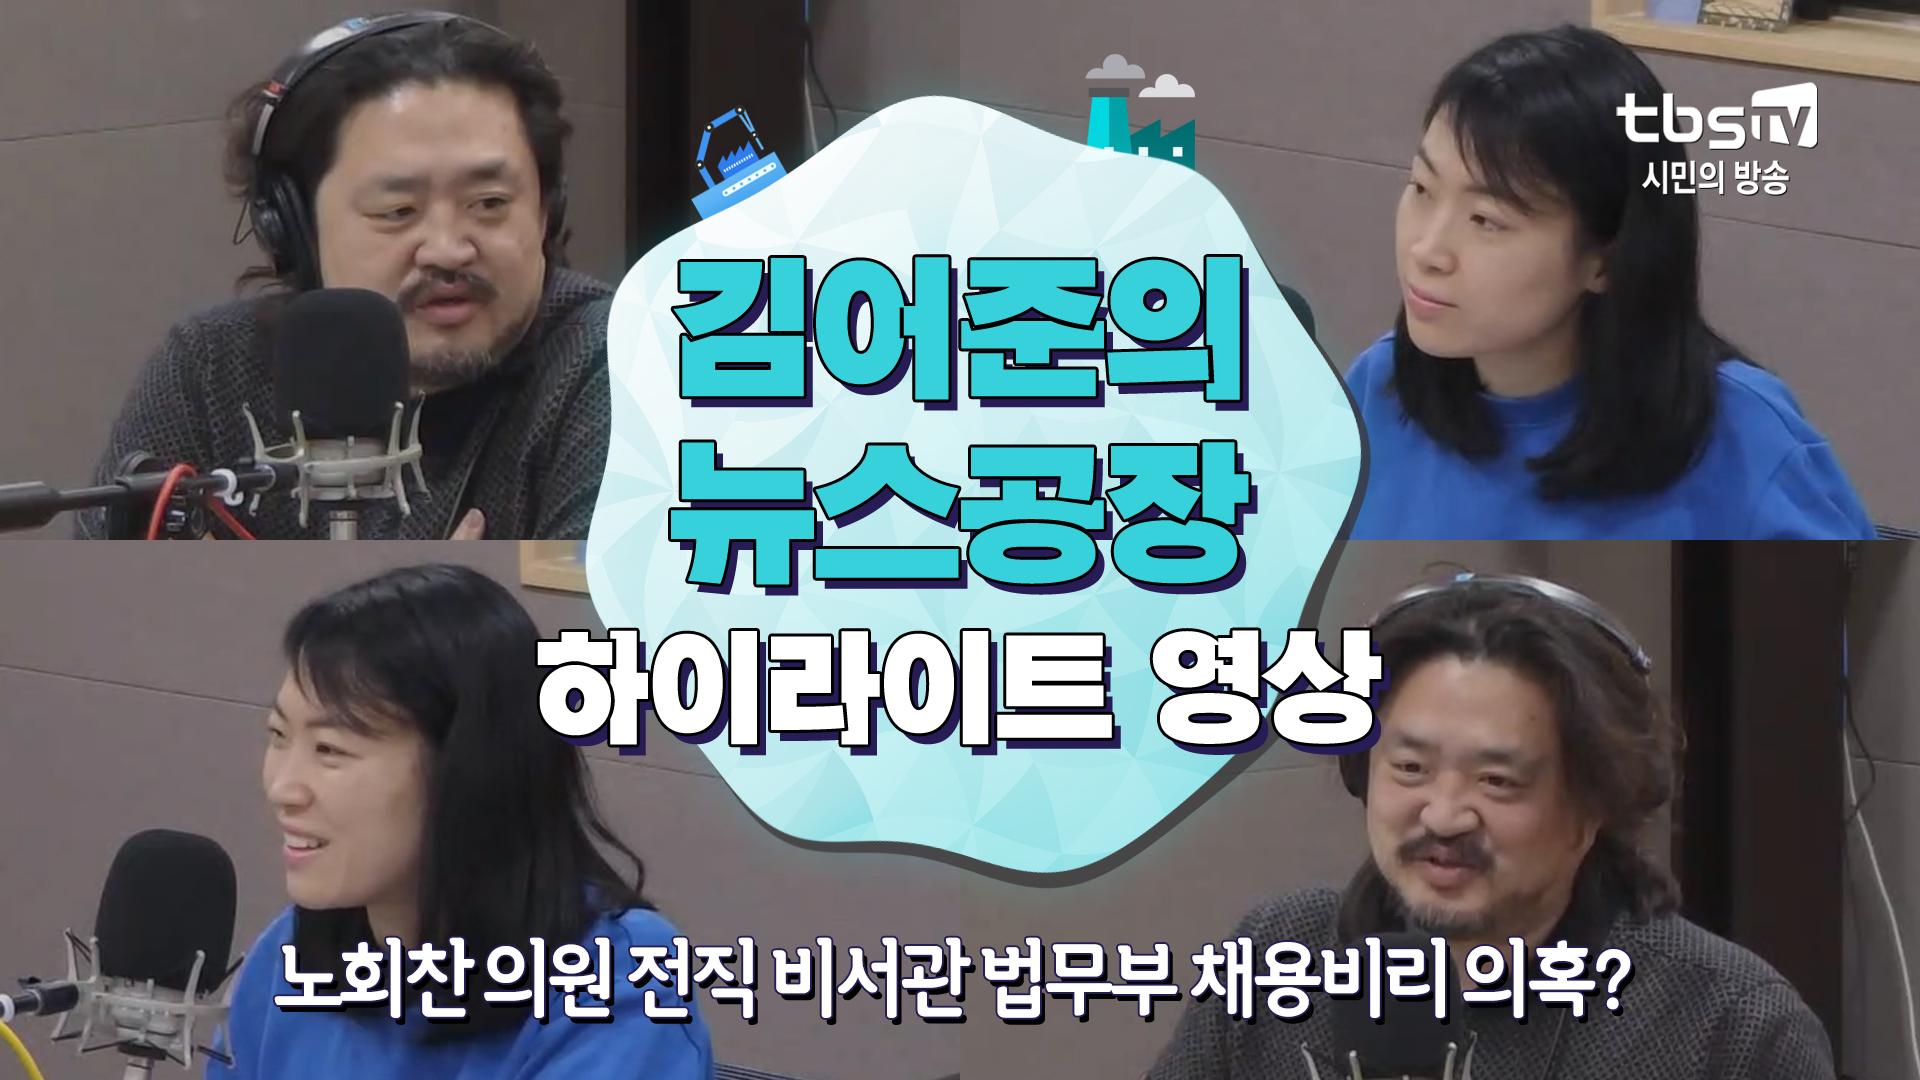 [김어준의 뉴스공장-하이라이트]노회찬 의원 전 비서관 채용특혜 의혹 ... 한국당의 강원랜드 물타기?